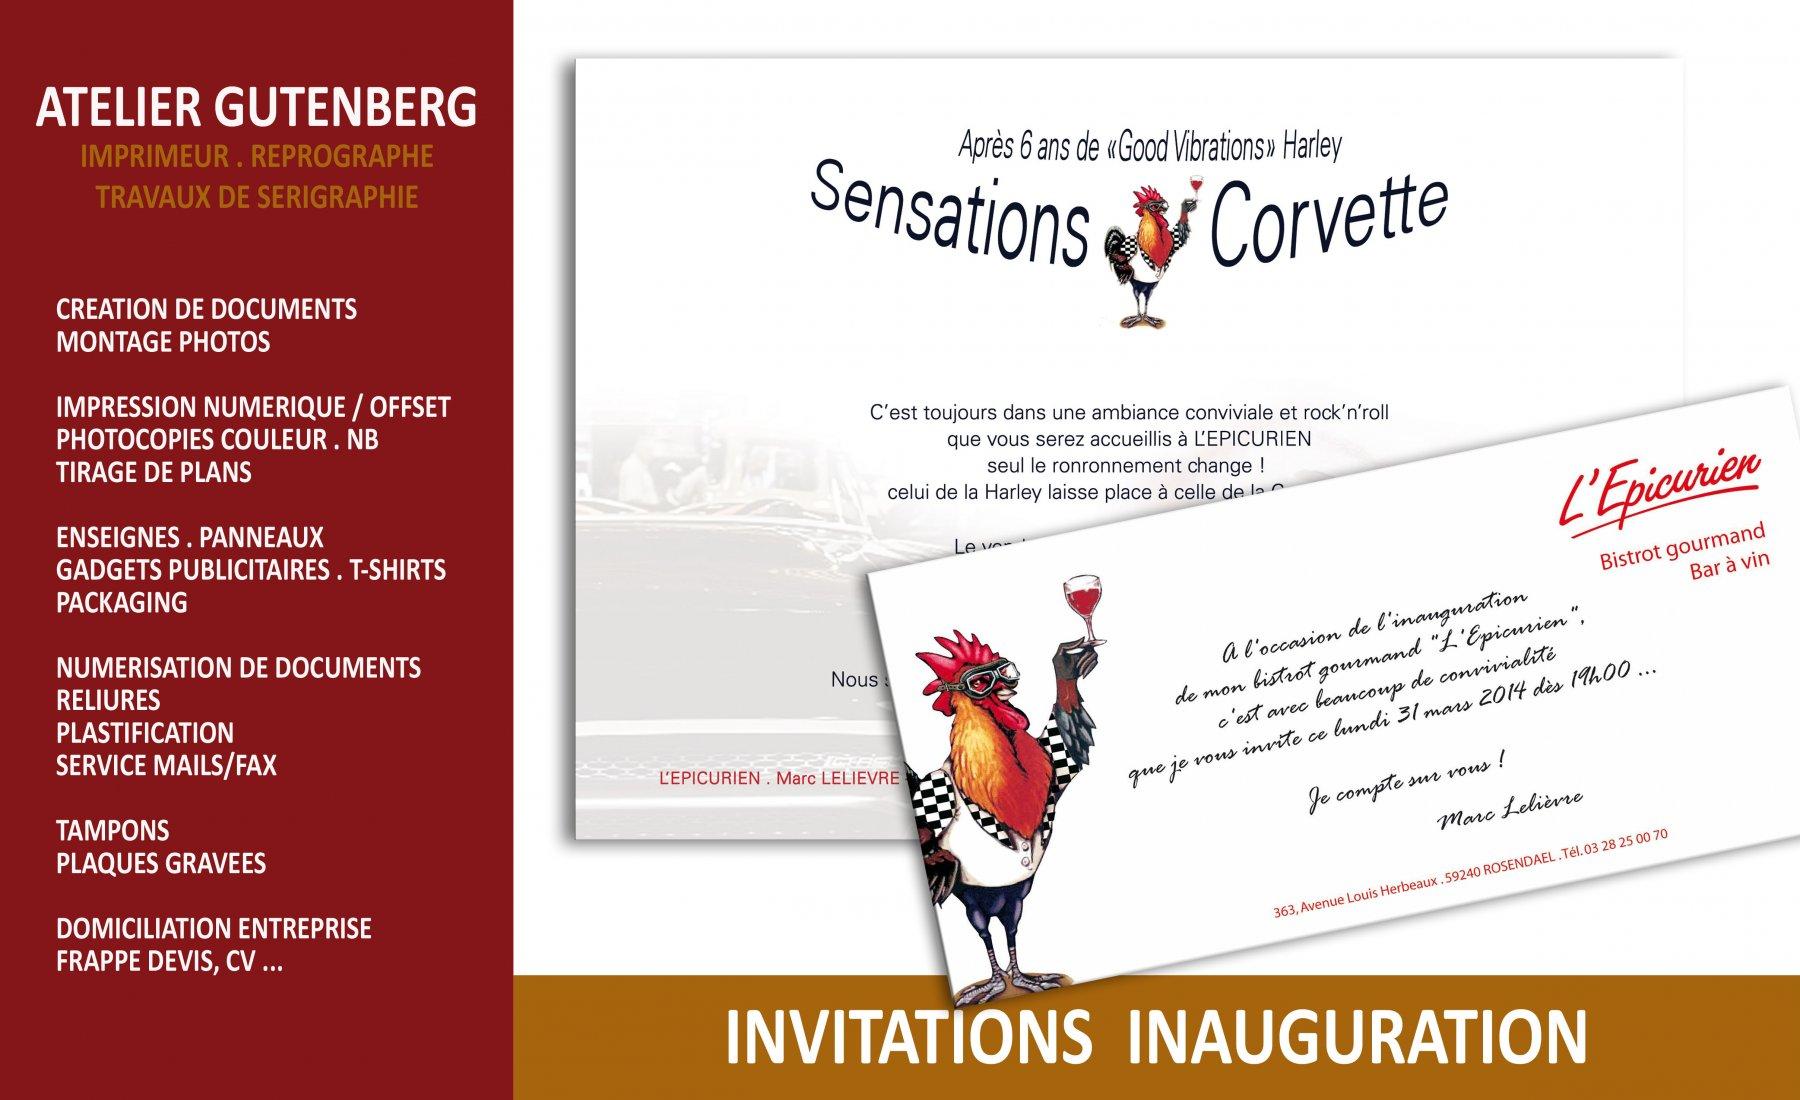 atelier gutenberg invitation format A5 et carte de correspondance pour une inauguration impression numérique couleur recto sur support 250 gr.